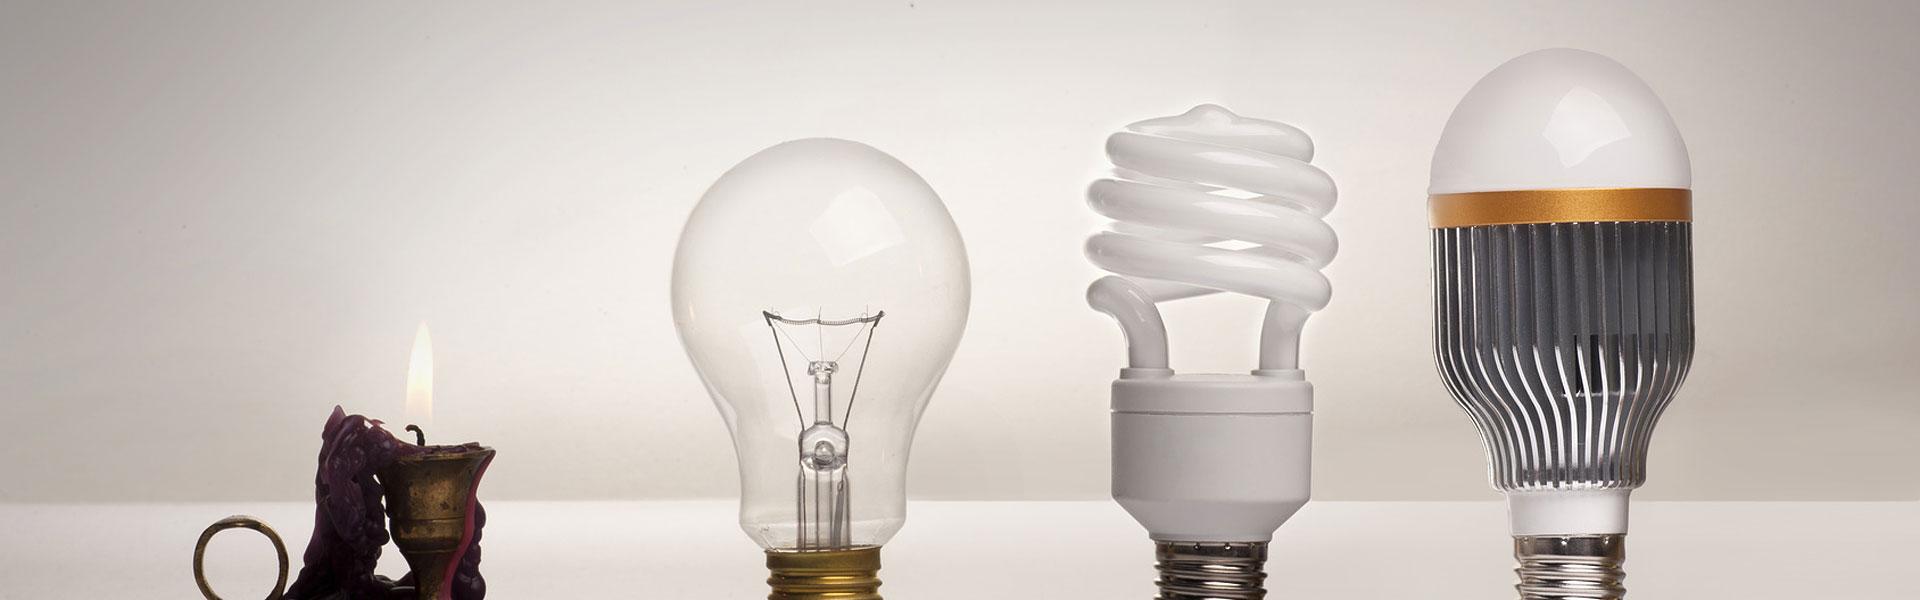 wer hat die glühlampe erfunden